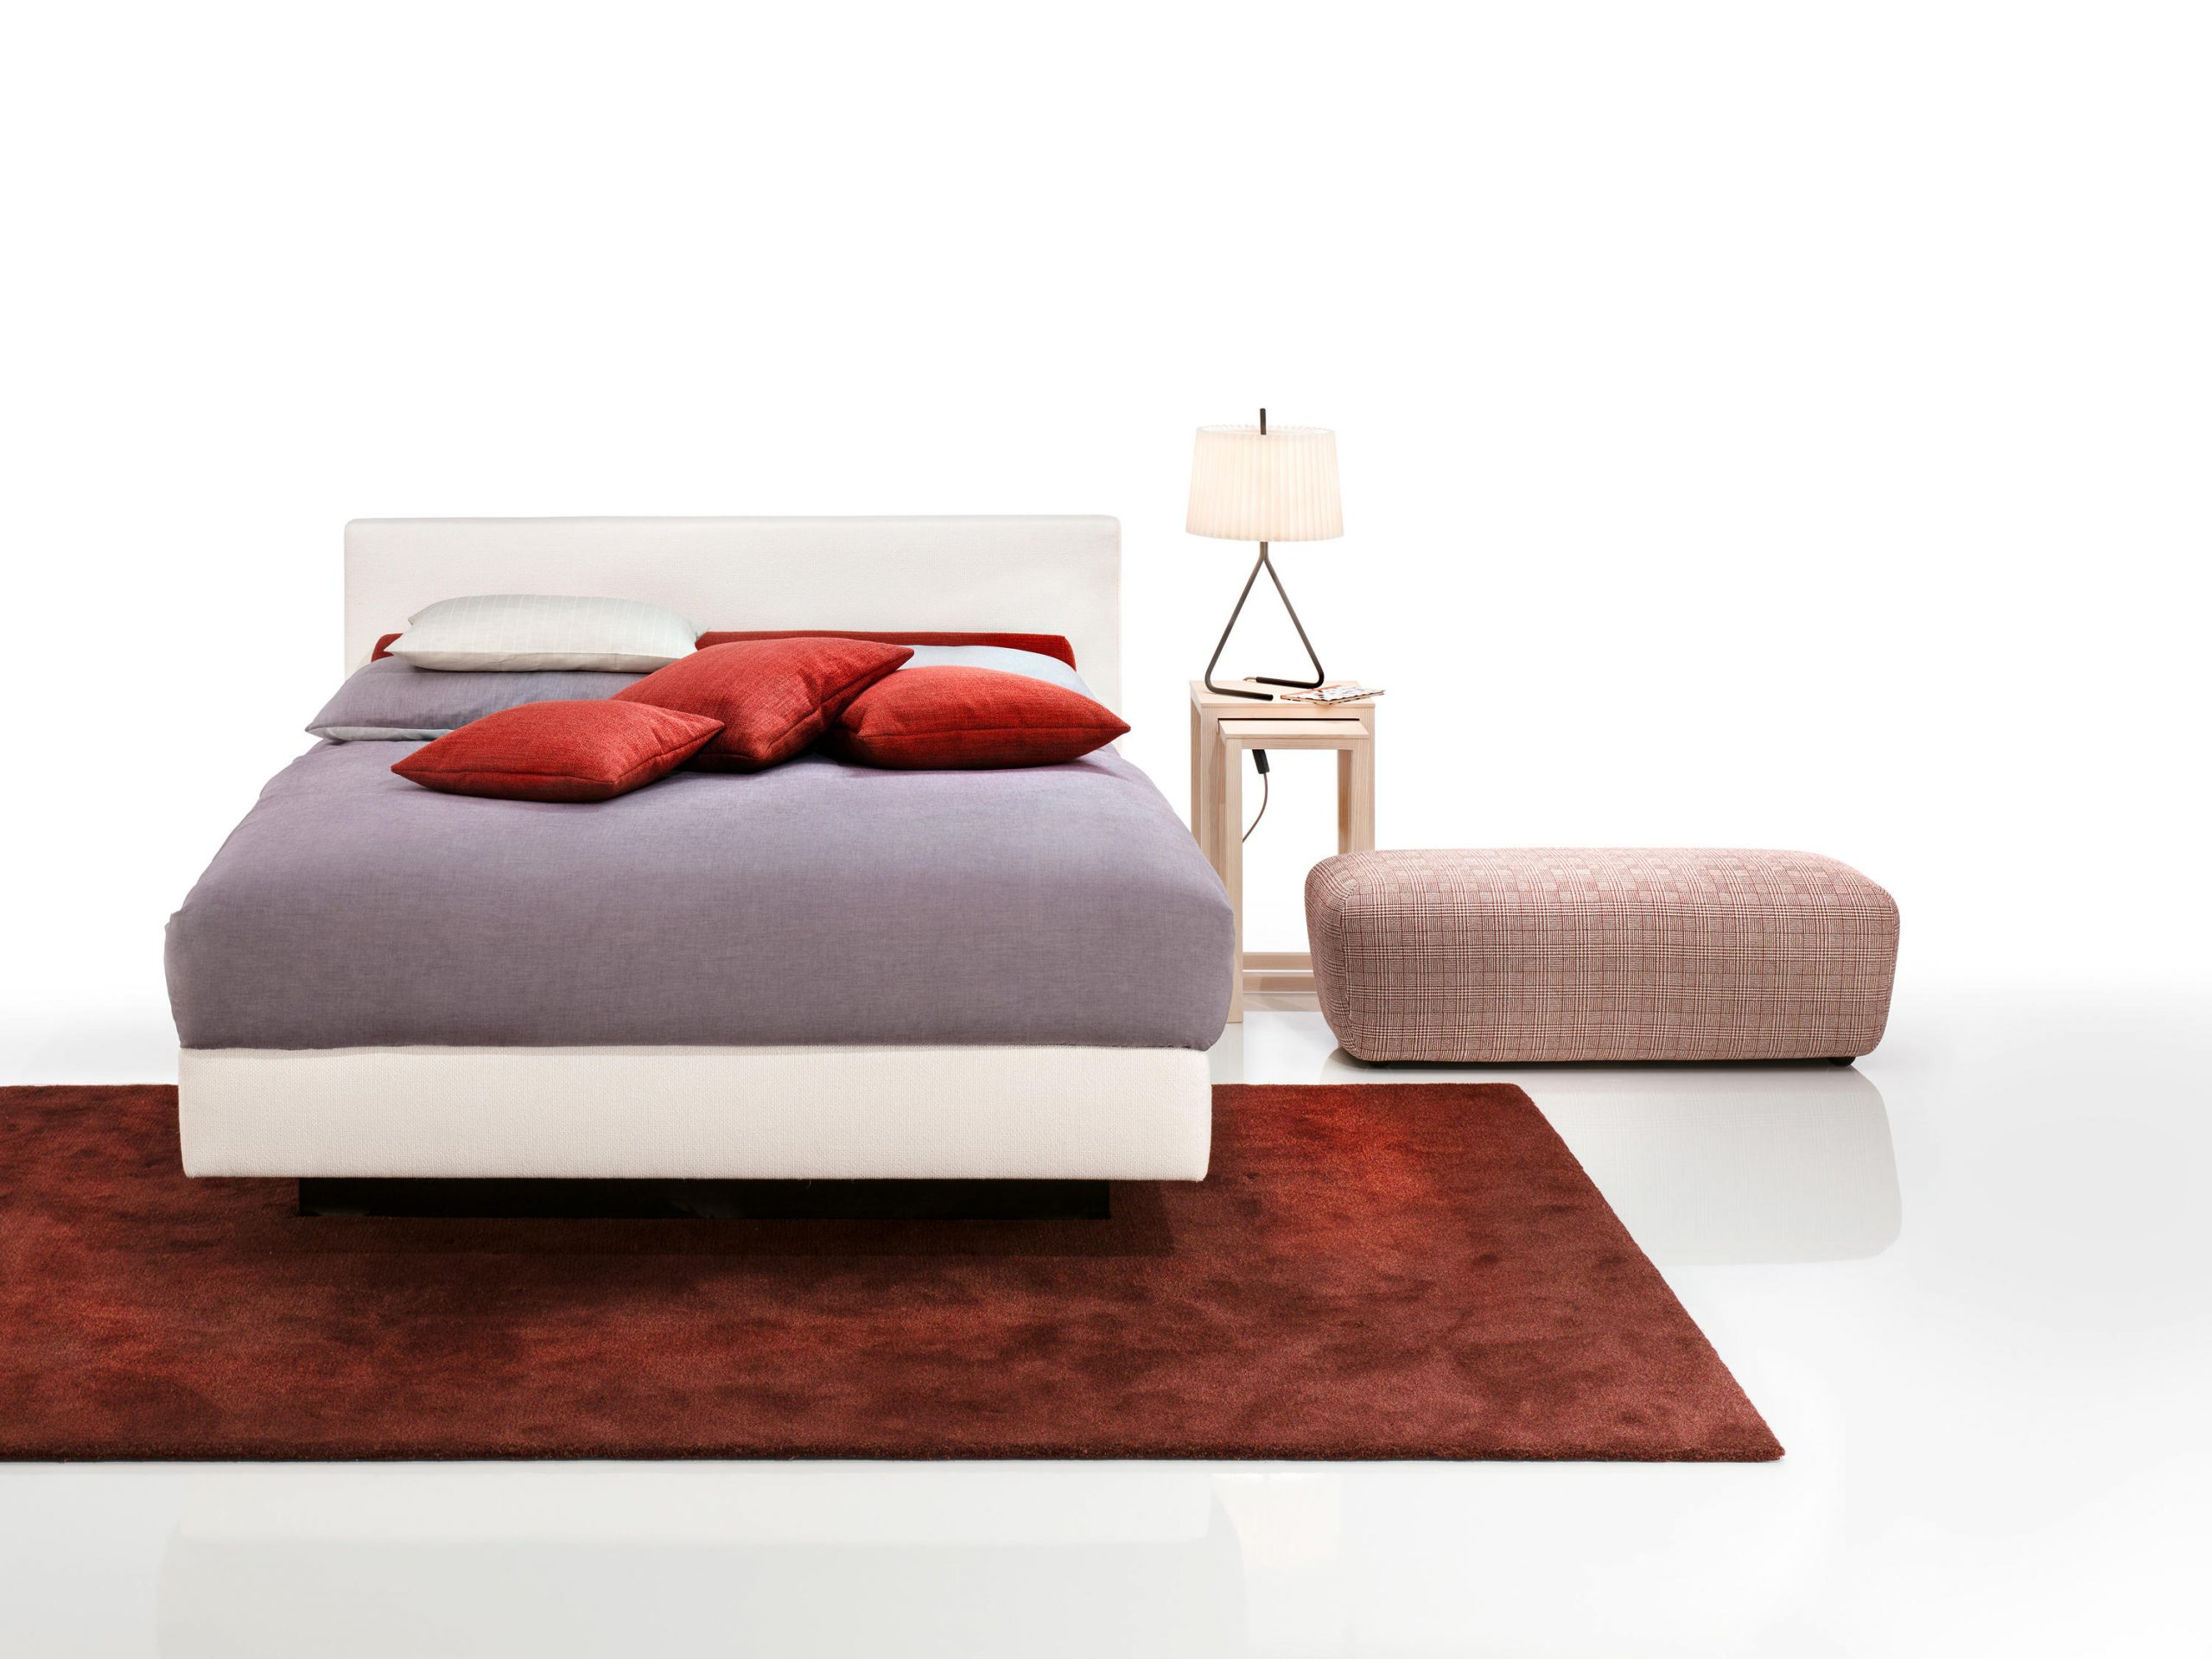 Full Size of Betten Mit Schubladen Balinesische Billerbeck Poco Somnus Luxus Günstige 180x200 Nolte Outlet 120x200 200x200 Billige Aus Holz Französische Wohnwert Bett Somnus Betten